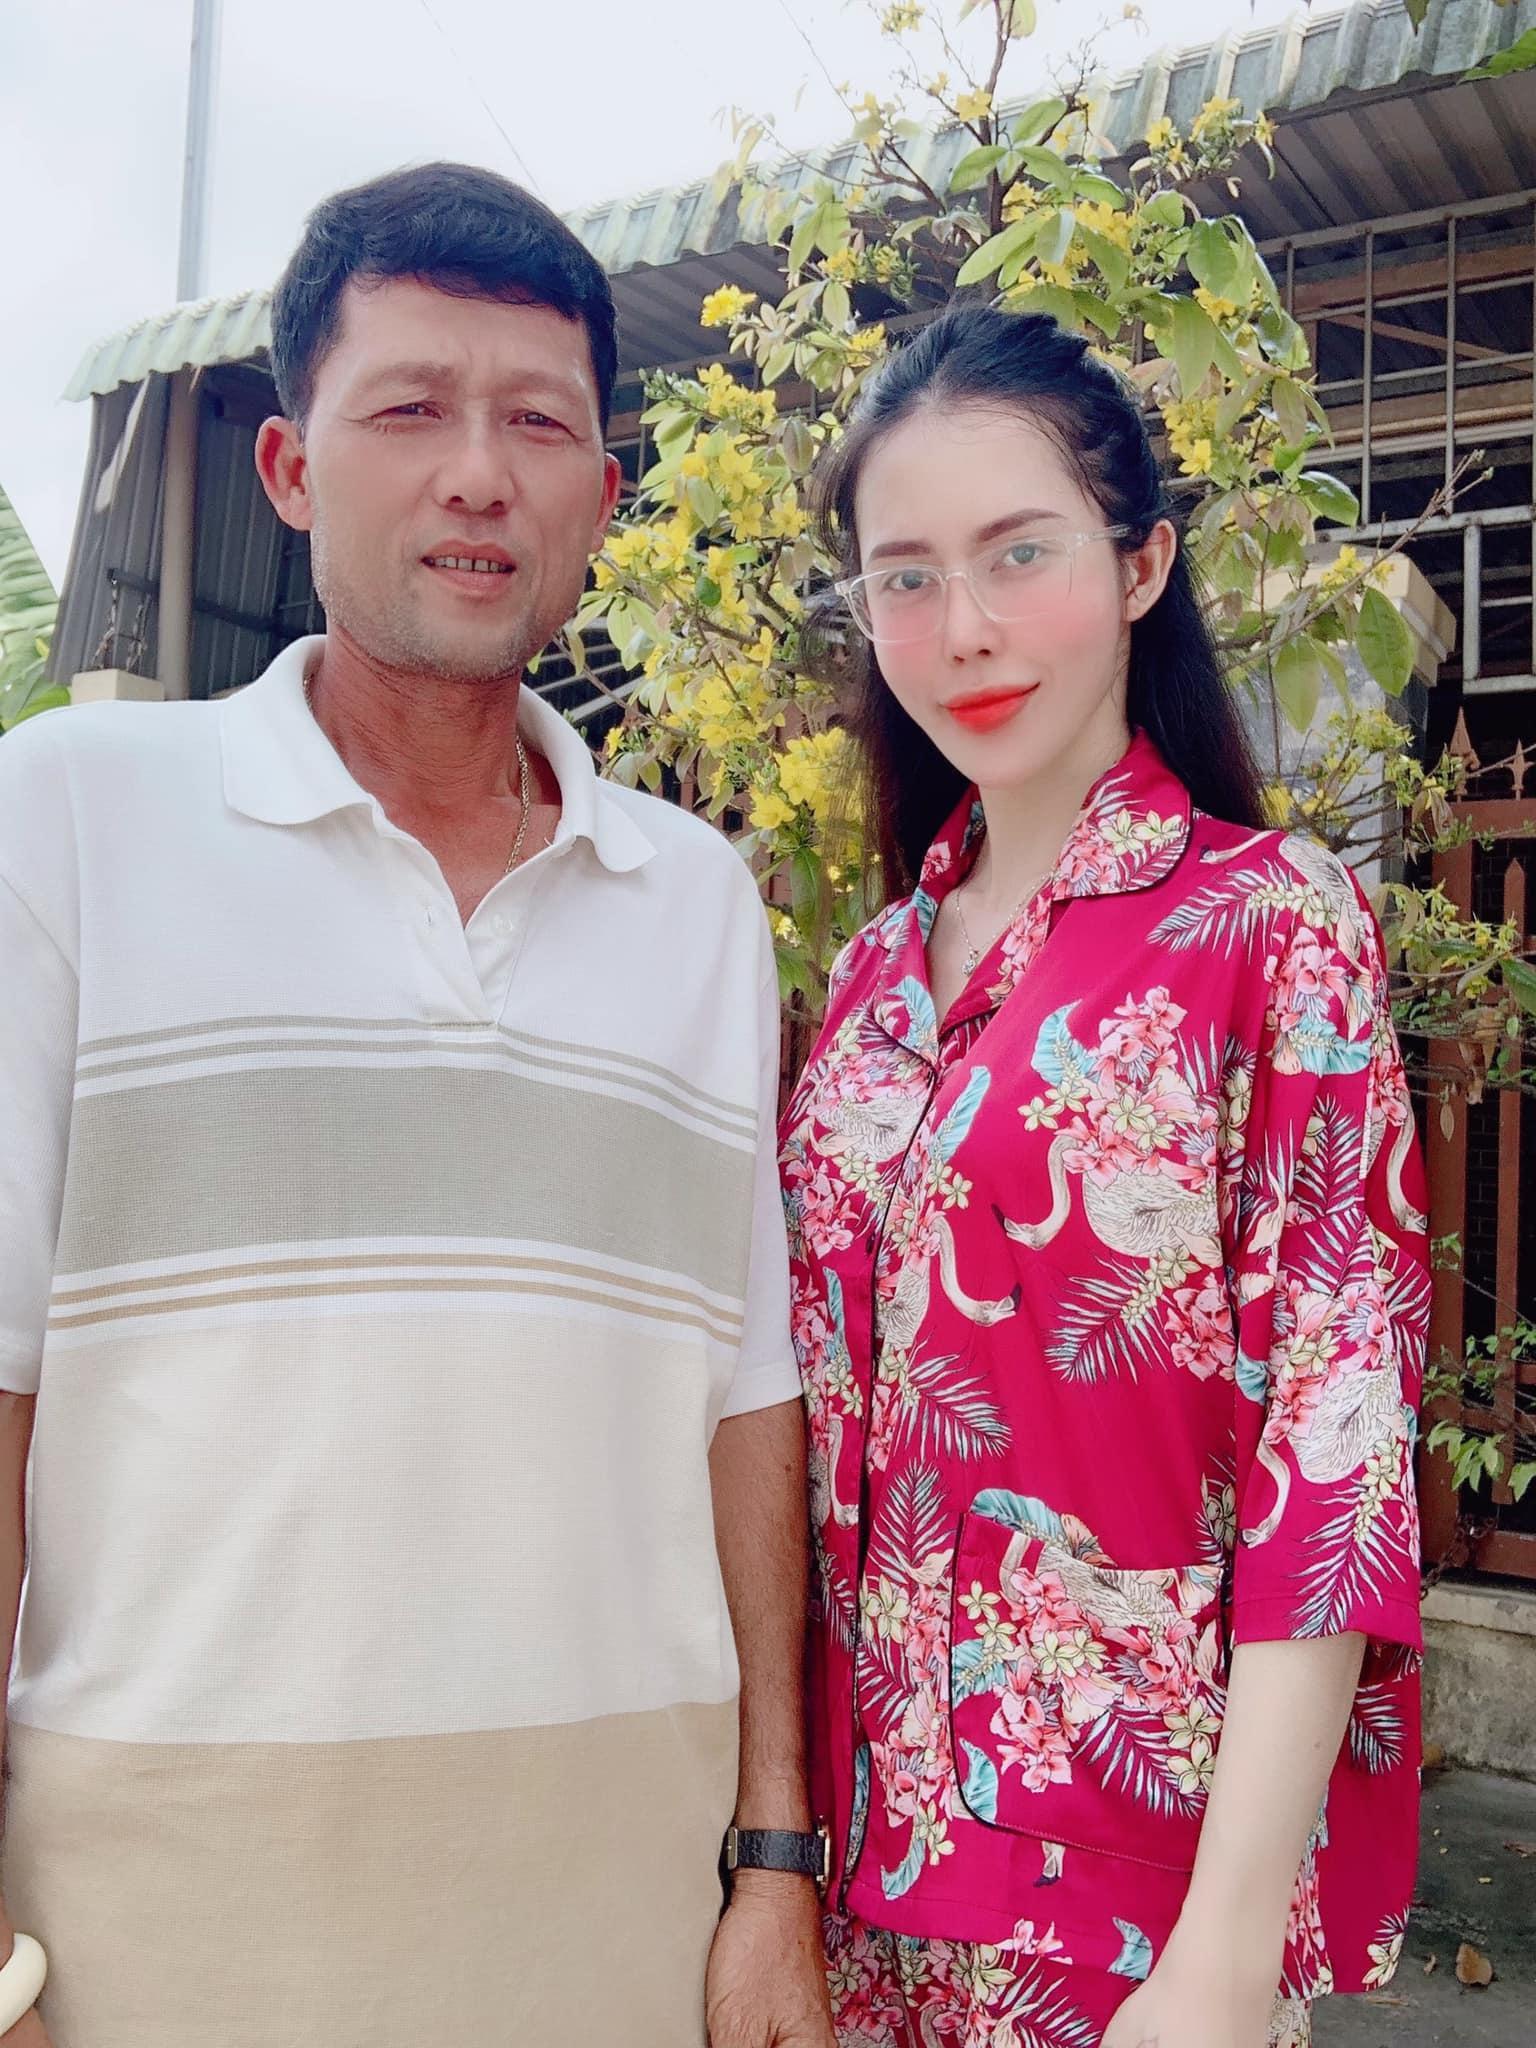 Chàng trai Cần Thơ kể chuyện uống thuốc tránh thai để thay đổi hormone nữ, chi 200 triệu sang Thái phẫu thuật và cuộc lột xác bất ngờ Ảnh 5